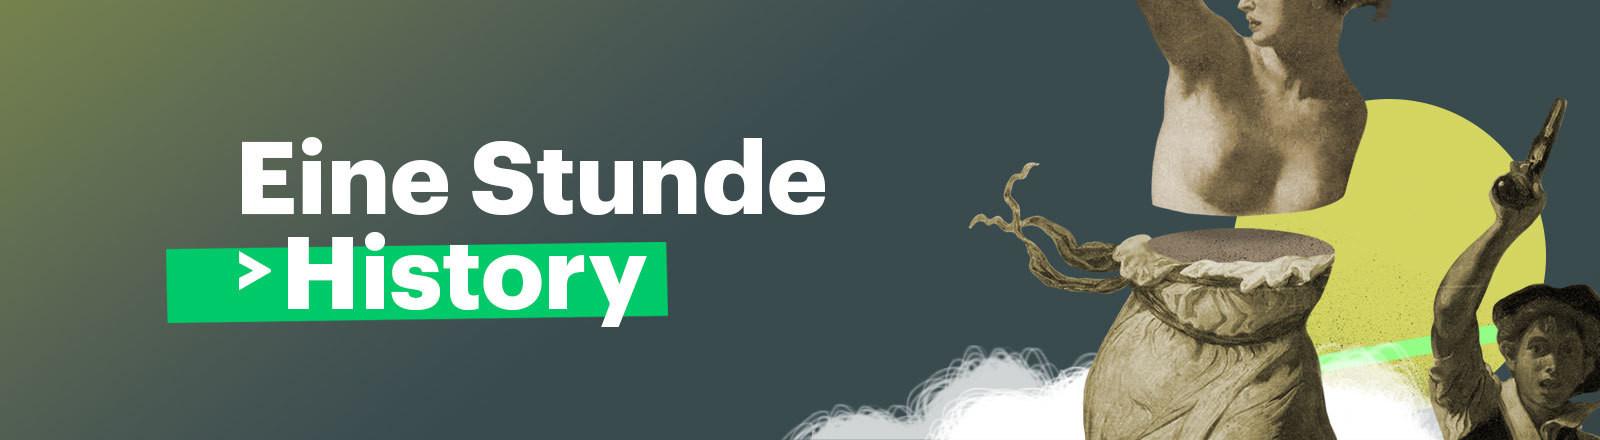 Webbanner_Eine-Stunde_History_1600x440.jpg